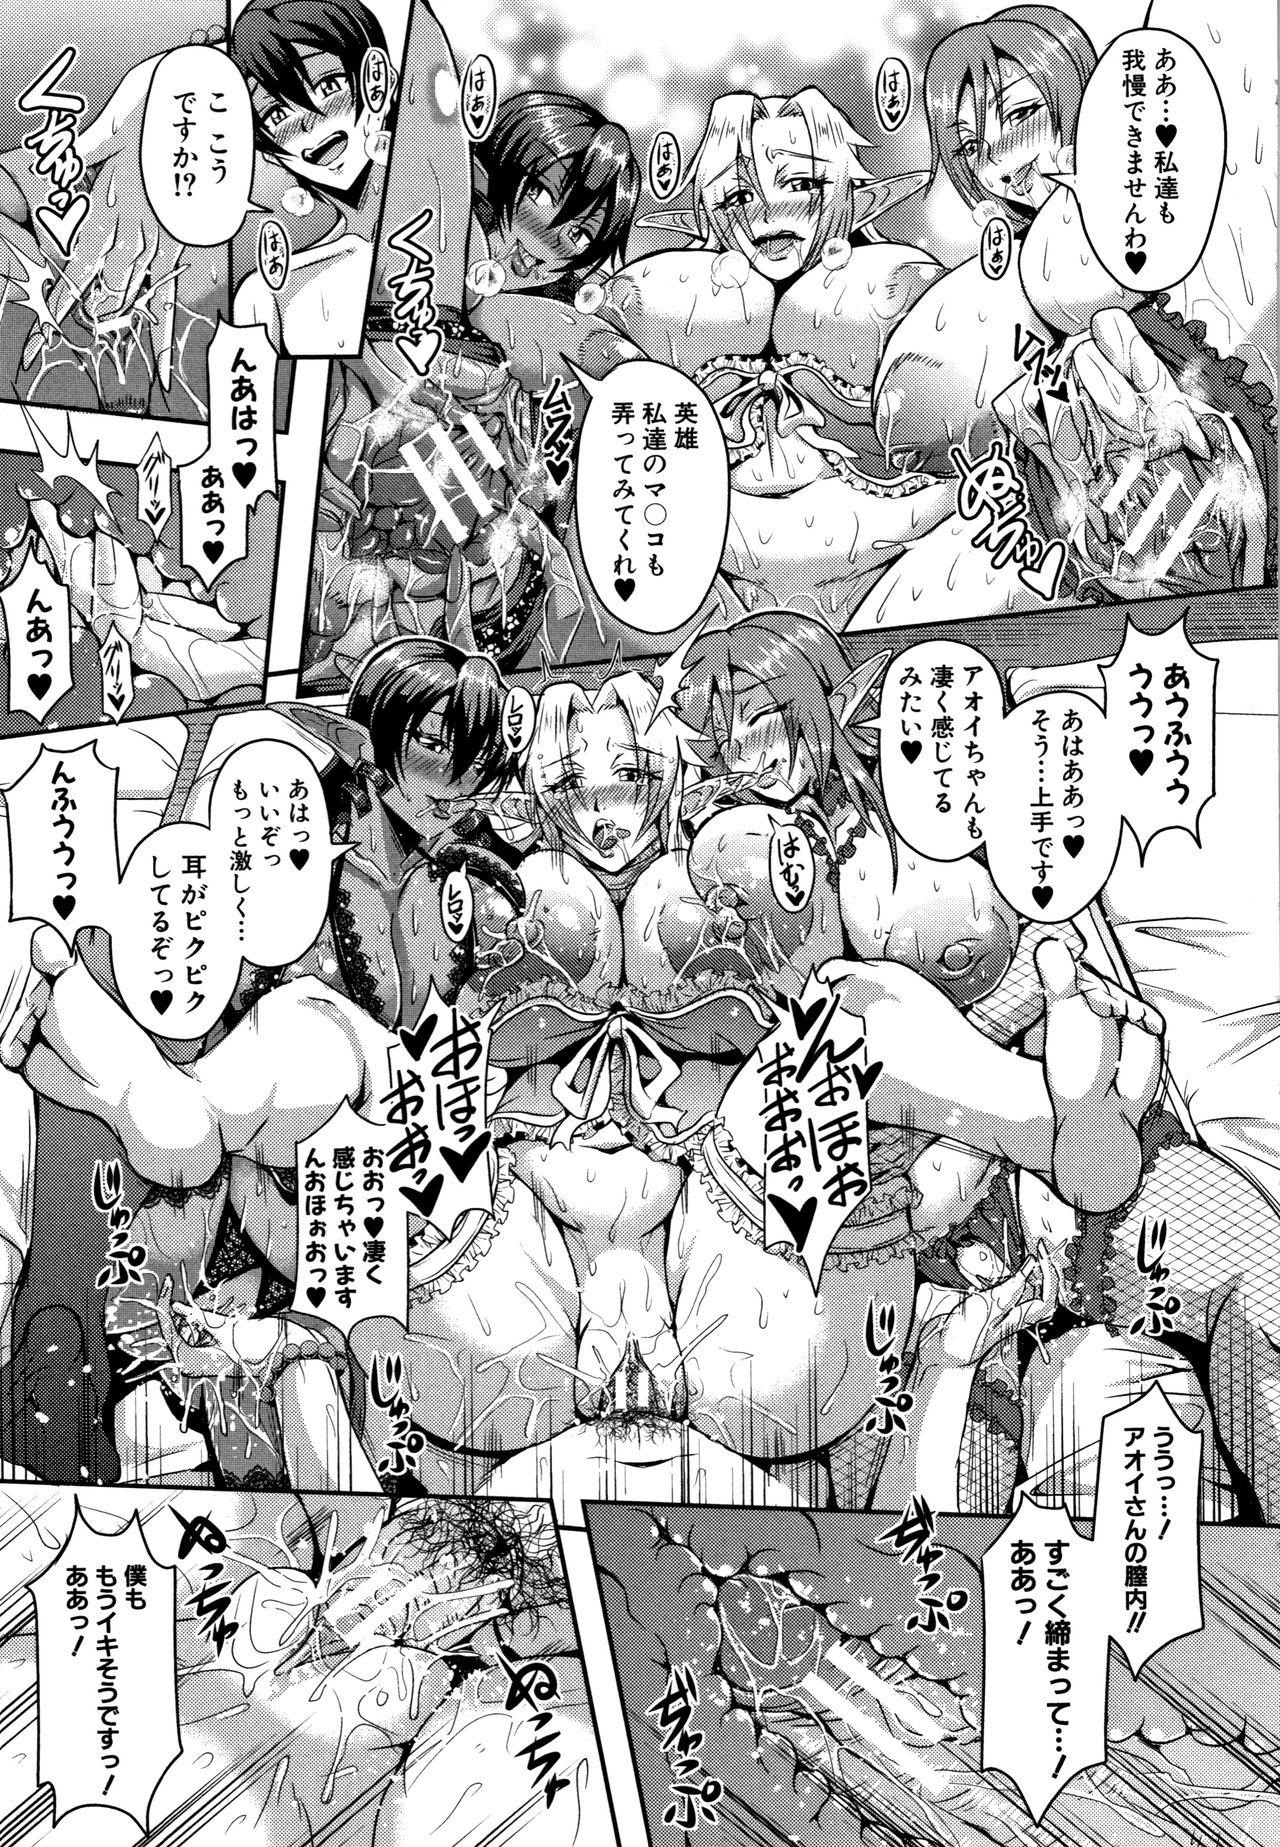 Elf Harem Monogatari - Elf Harem Story 28